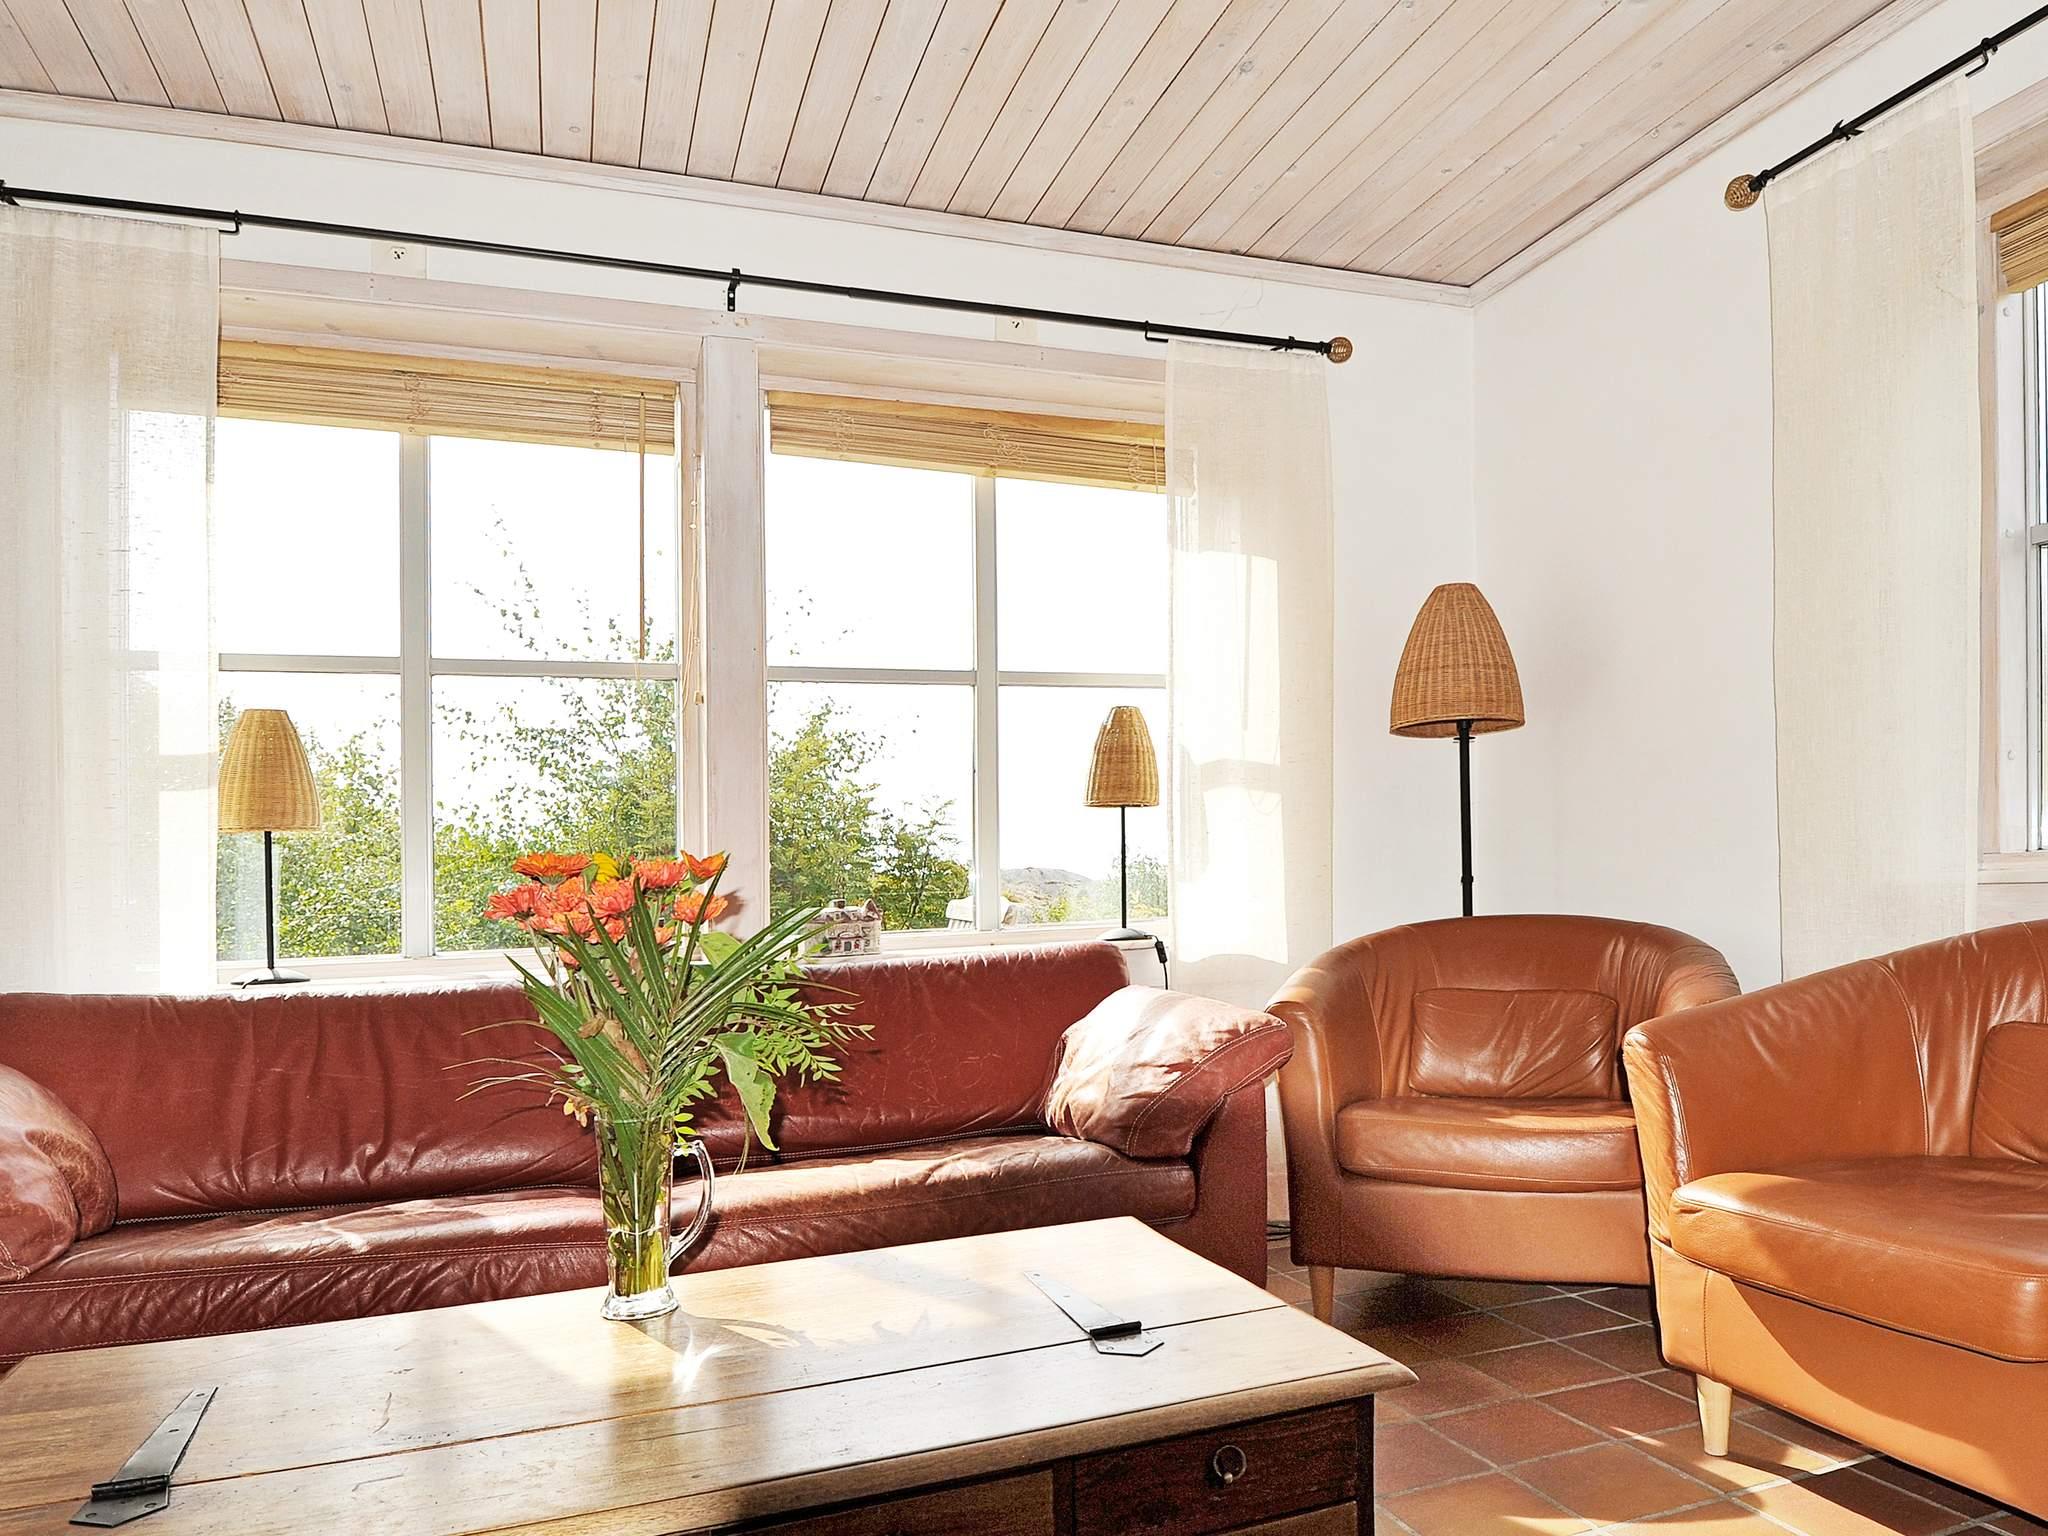 Ferienhaus Tjörn/Skärhamn (454665), Skärhamn, Tjörn, Westschweden, Schweden, Bild 7